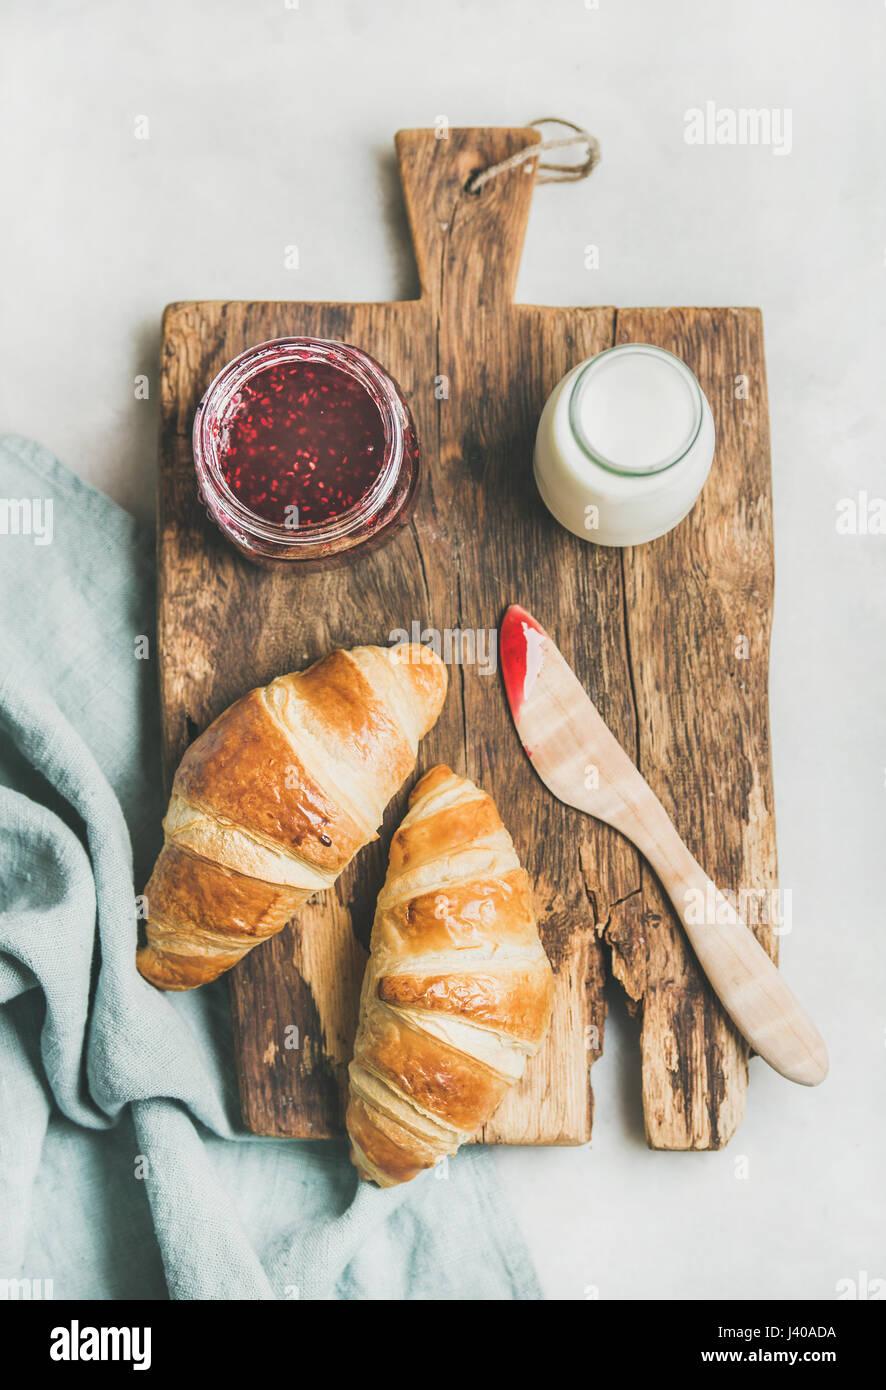 Croissants recién horneados con mermeladas de frambuesa y leche en botella Imagen De Stock